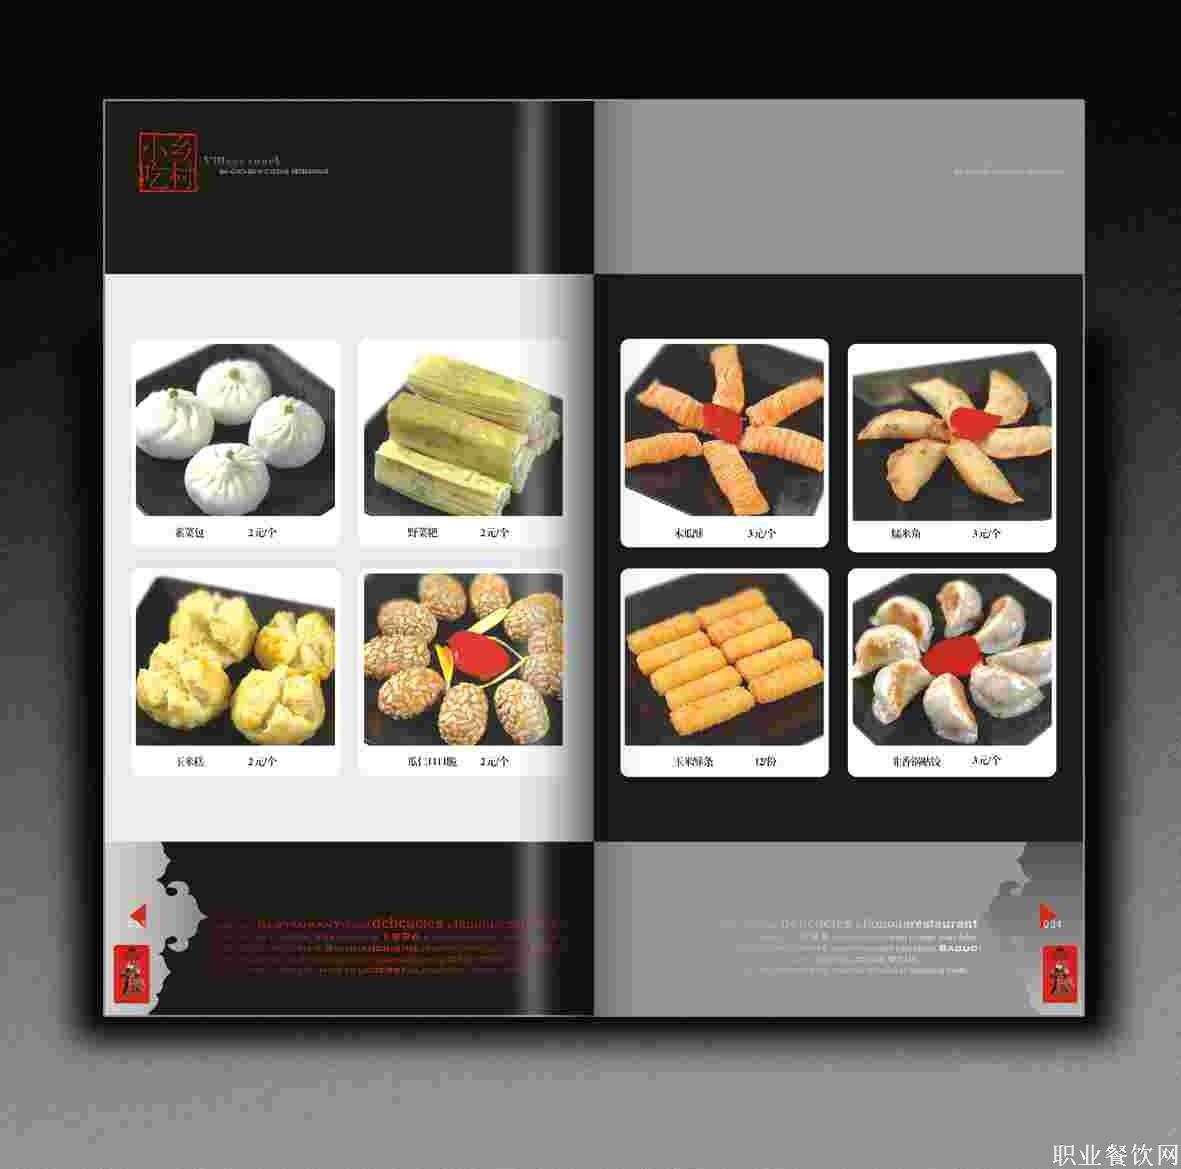 重庆菜牌设计,中西餐菜谱设计,重庆菜谱设计公司; 巴国布衣; 巴国布衣